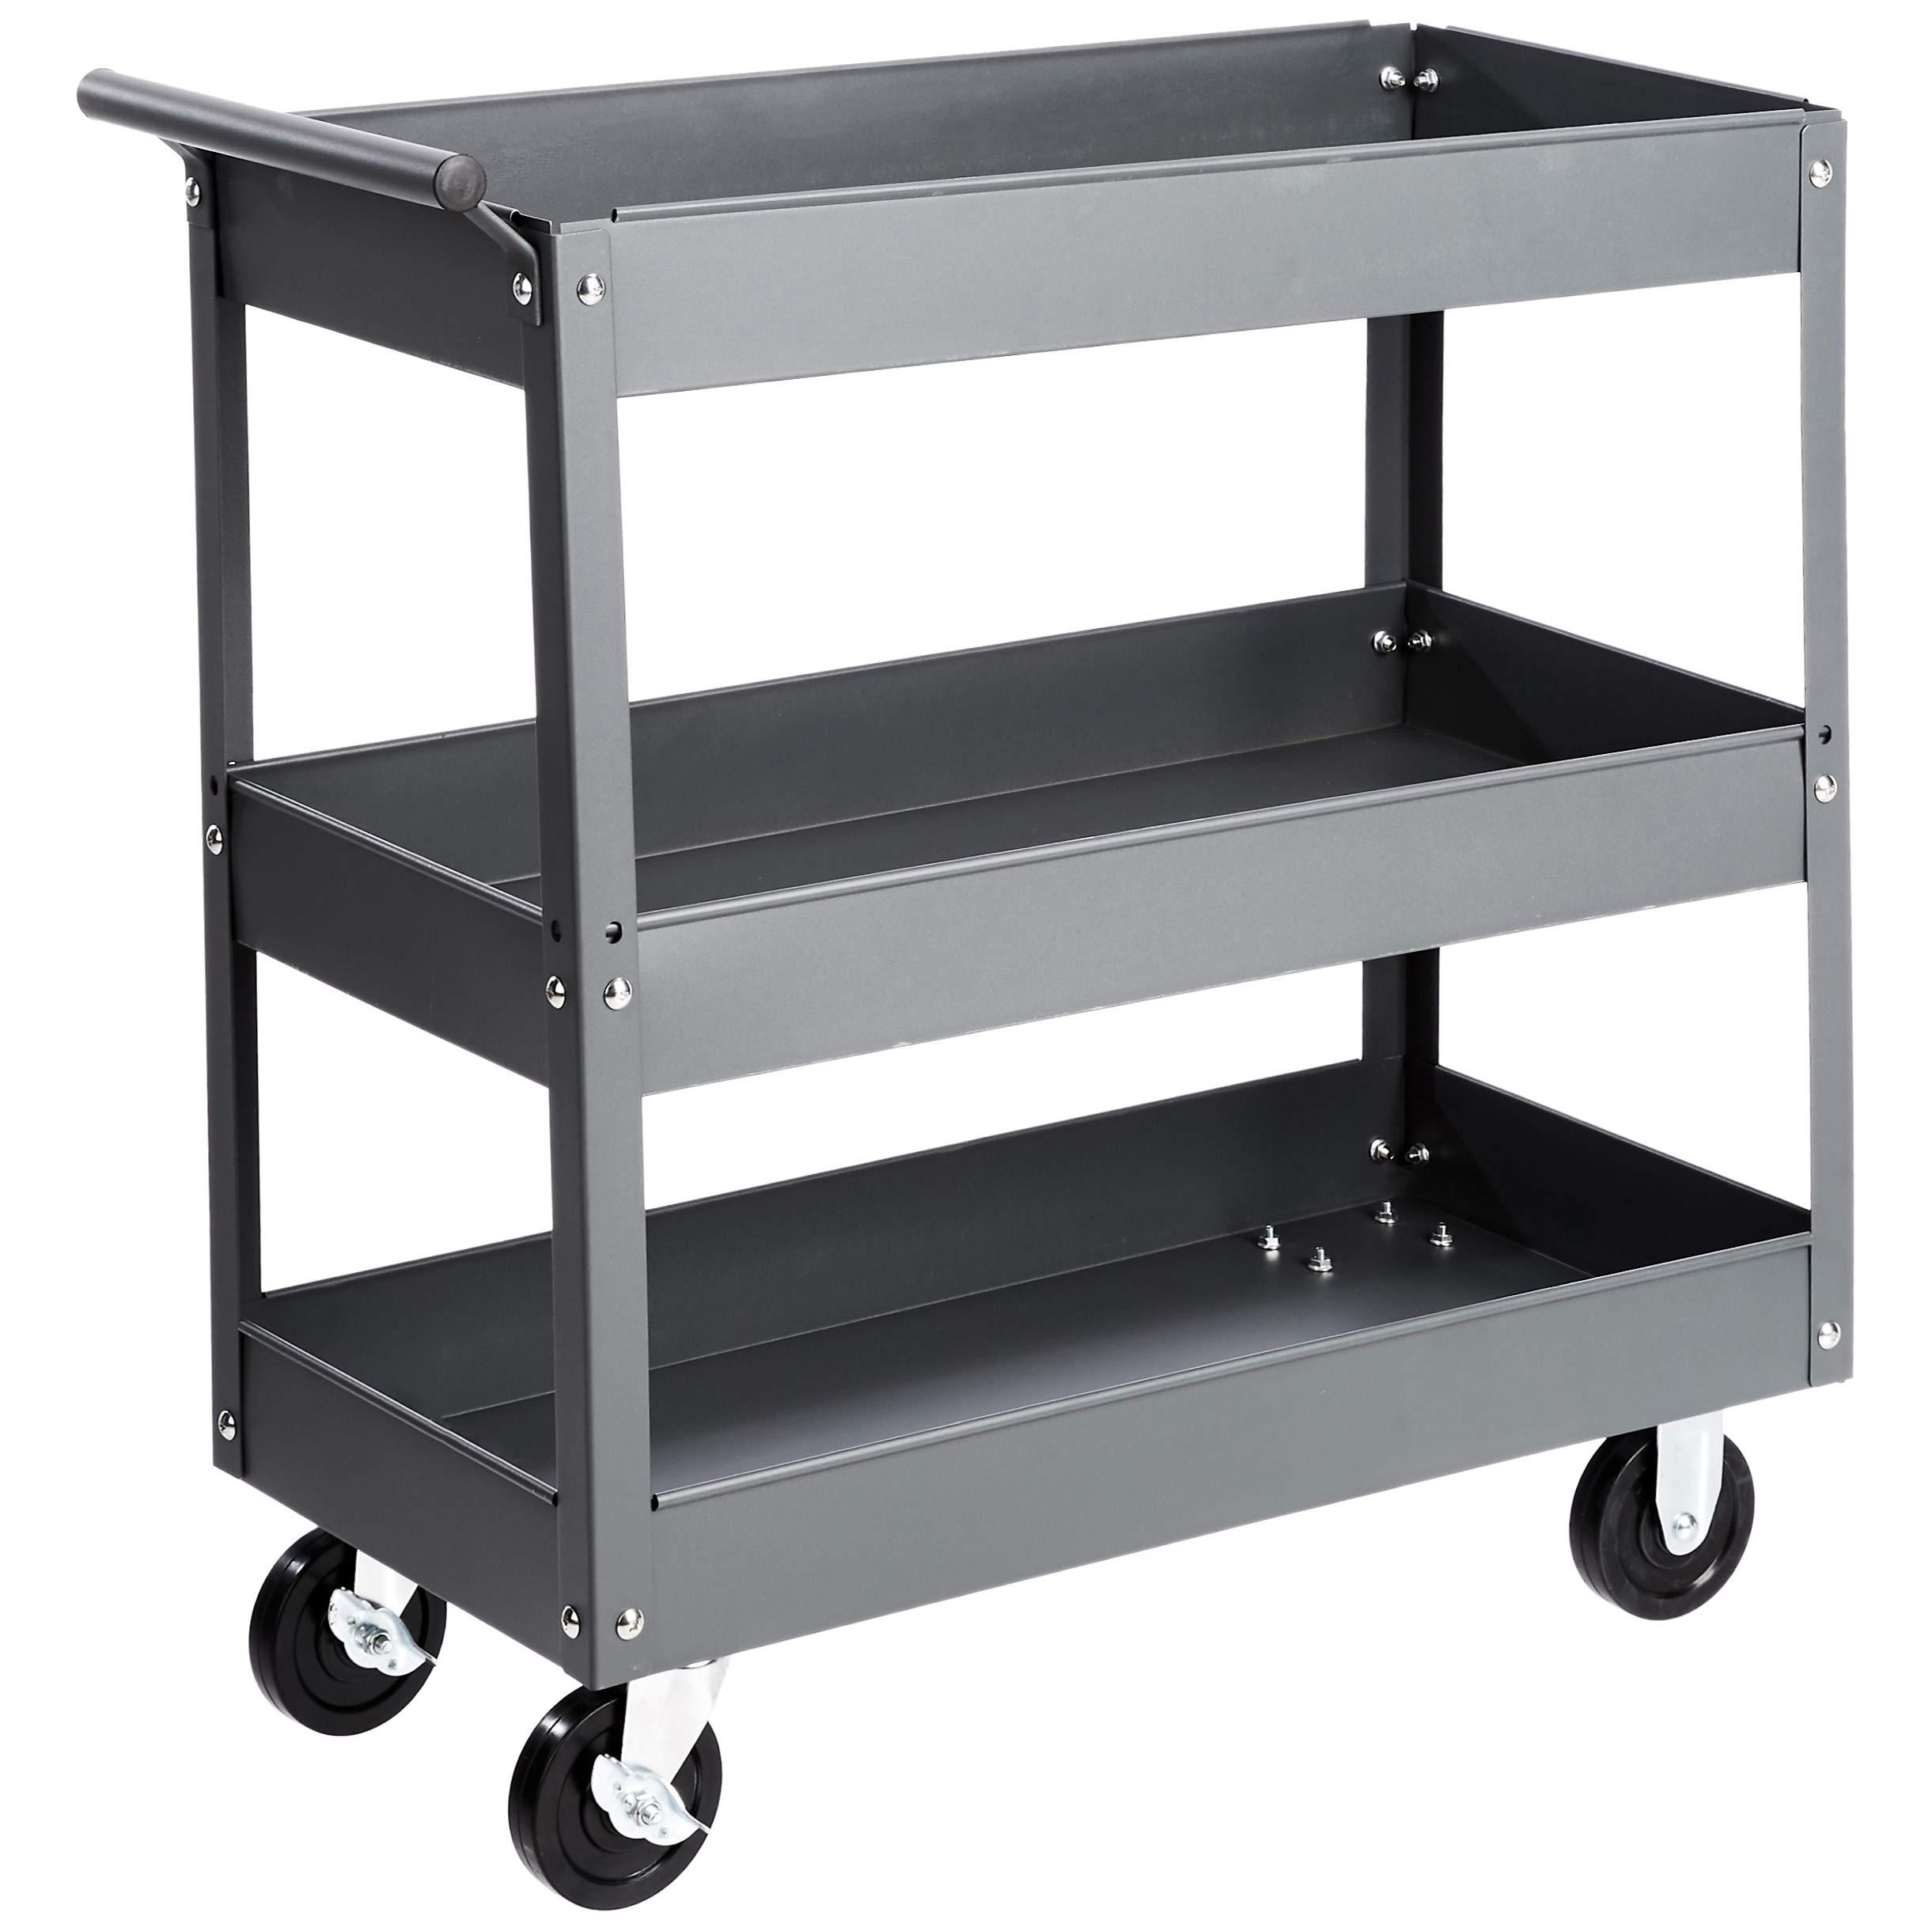 AmazonBasics 3 Shelf Multipurpose Utility capacity